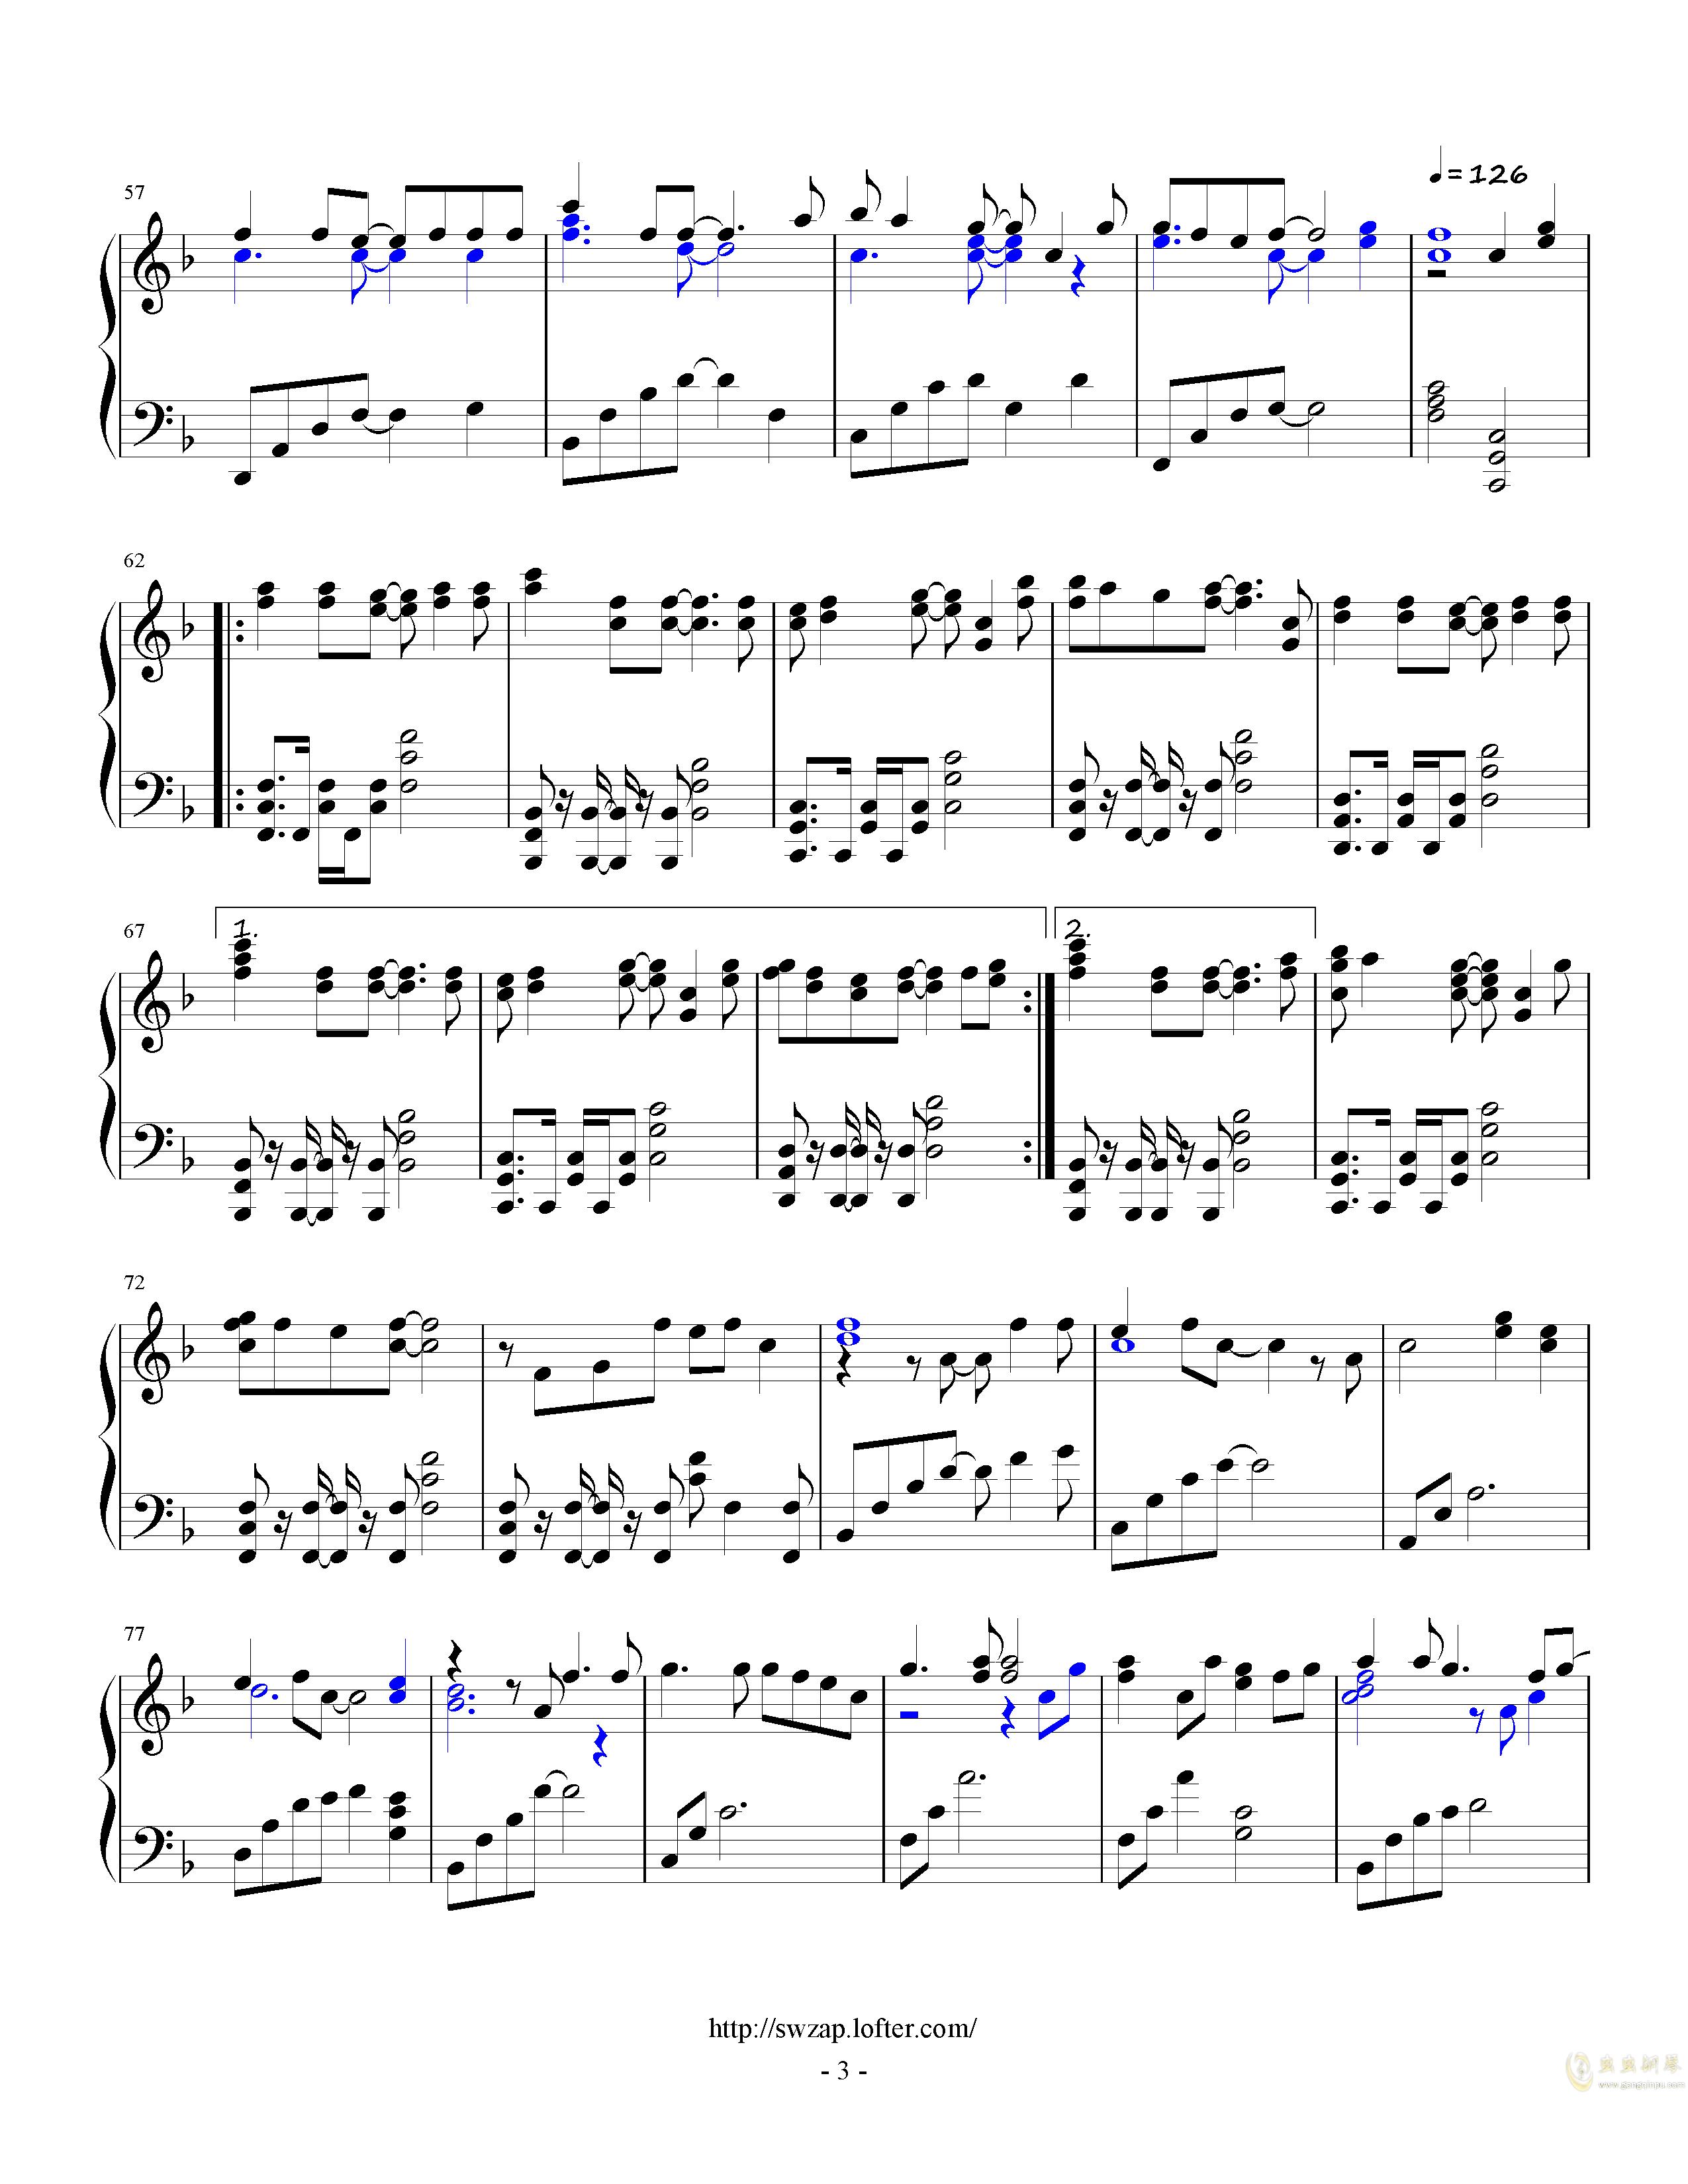 letter song钢琴谱 第3页